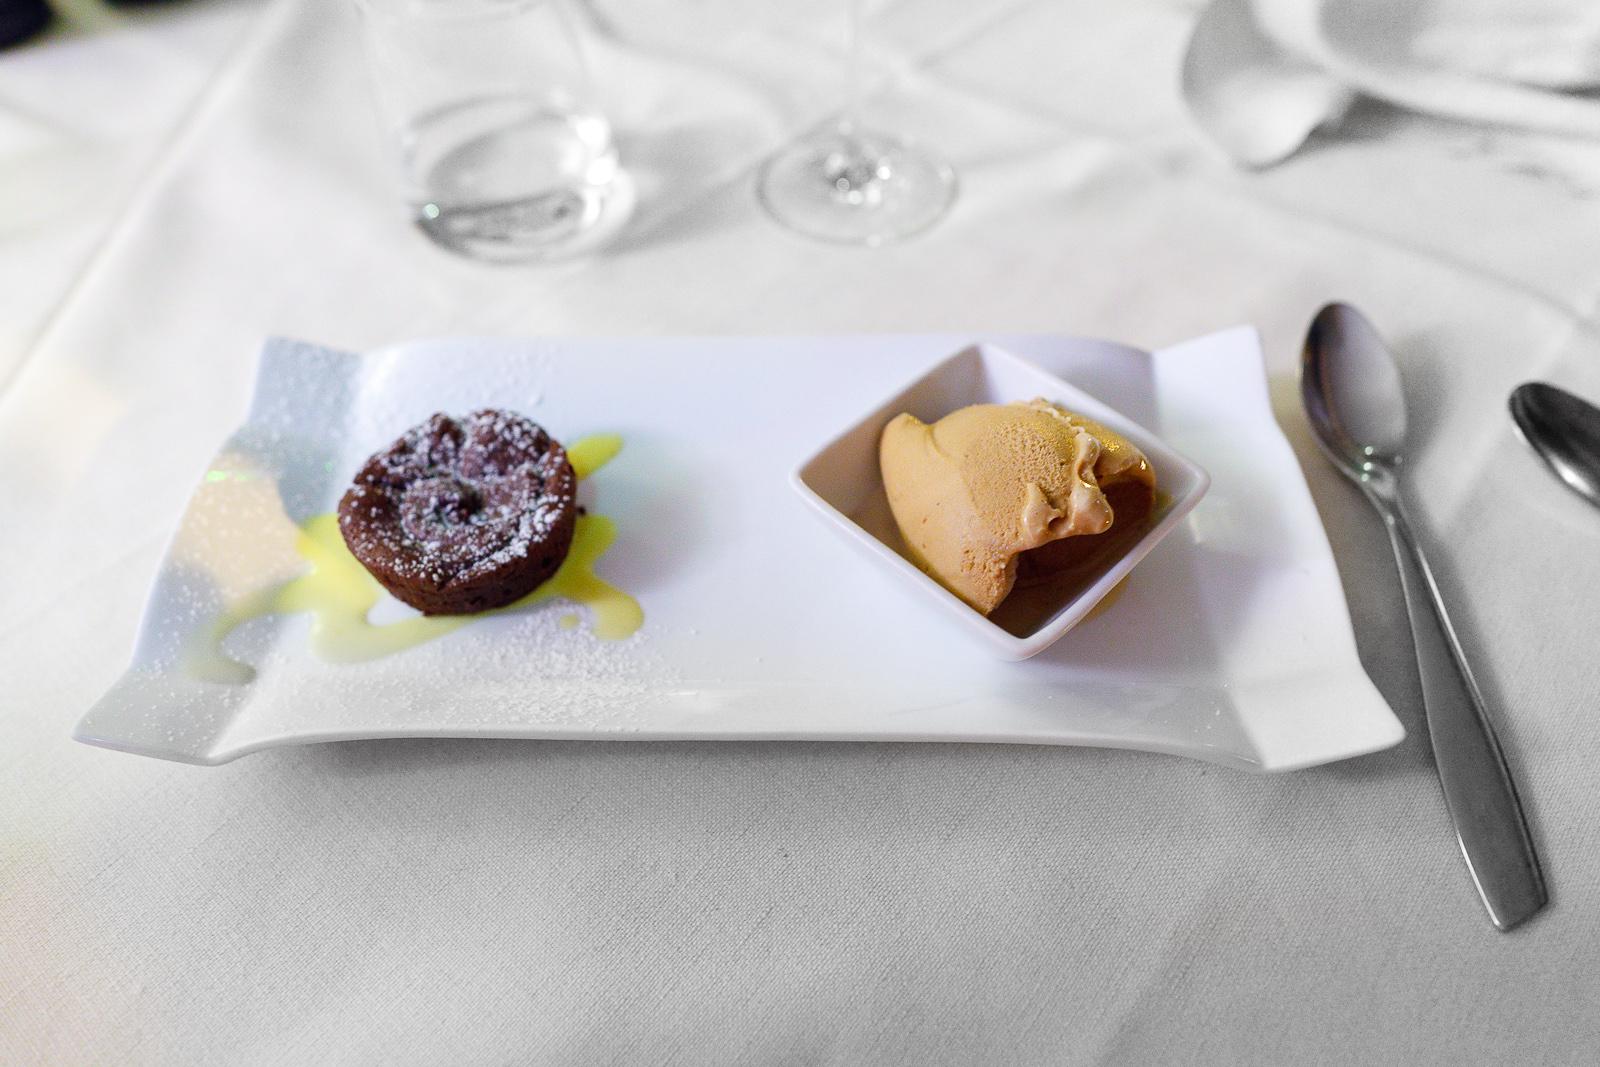 Tortino di Cioccolato con Gelato al Caffè - chocolate tarte with coffee gelato (5€)